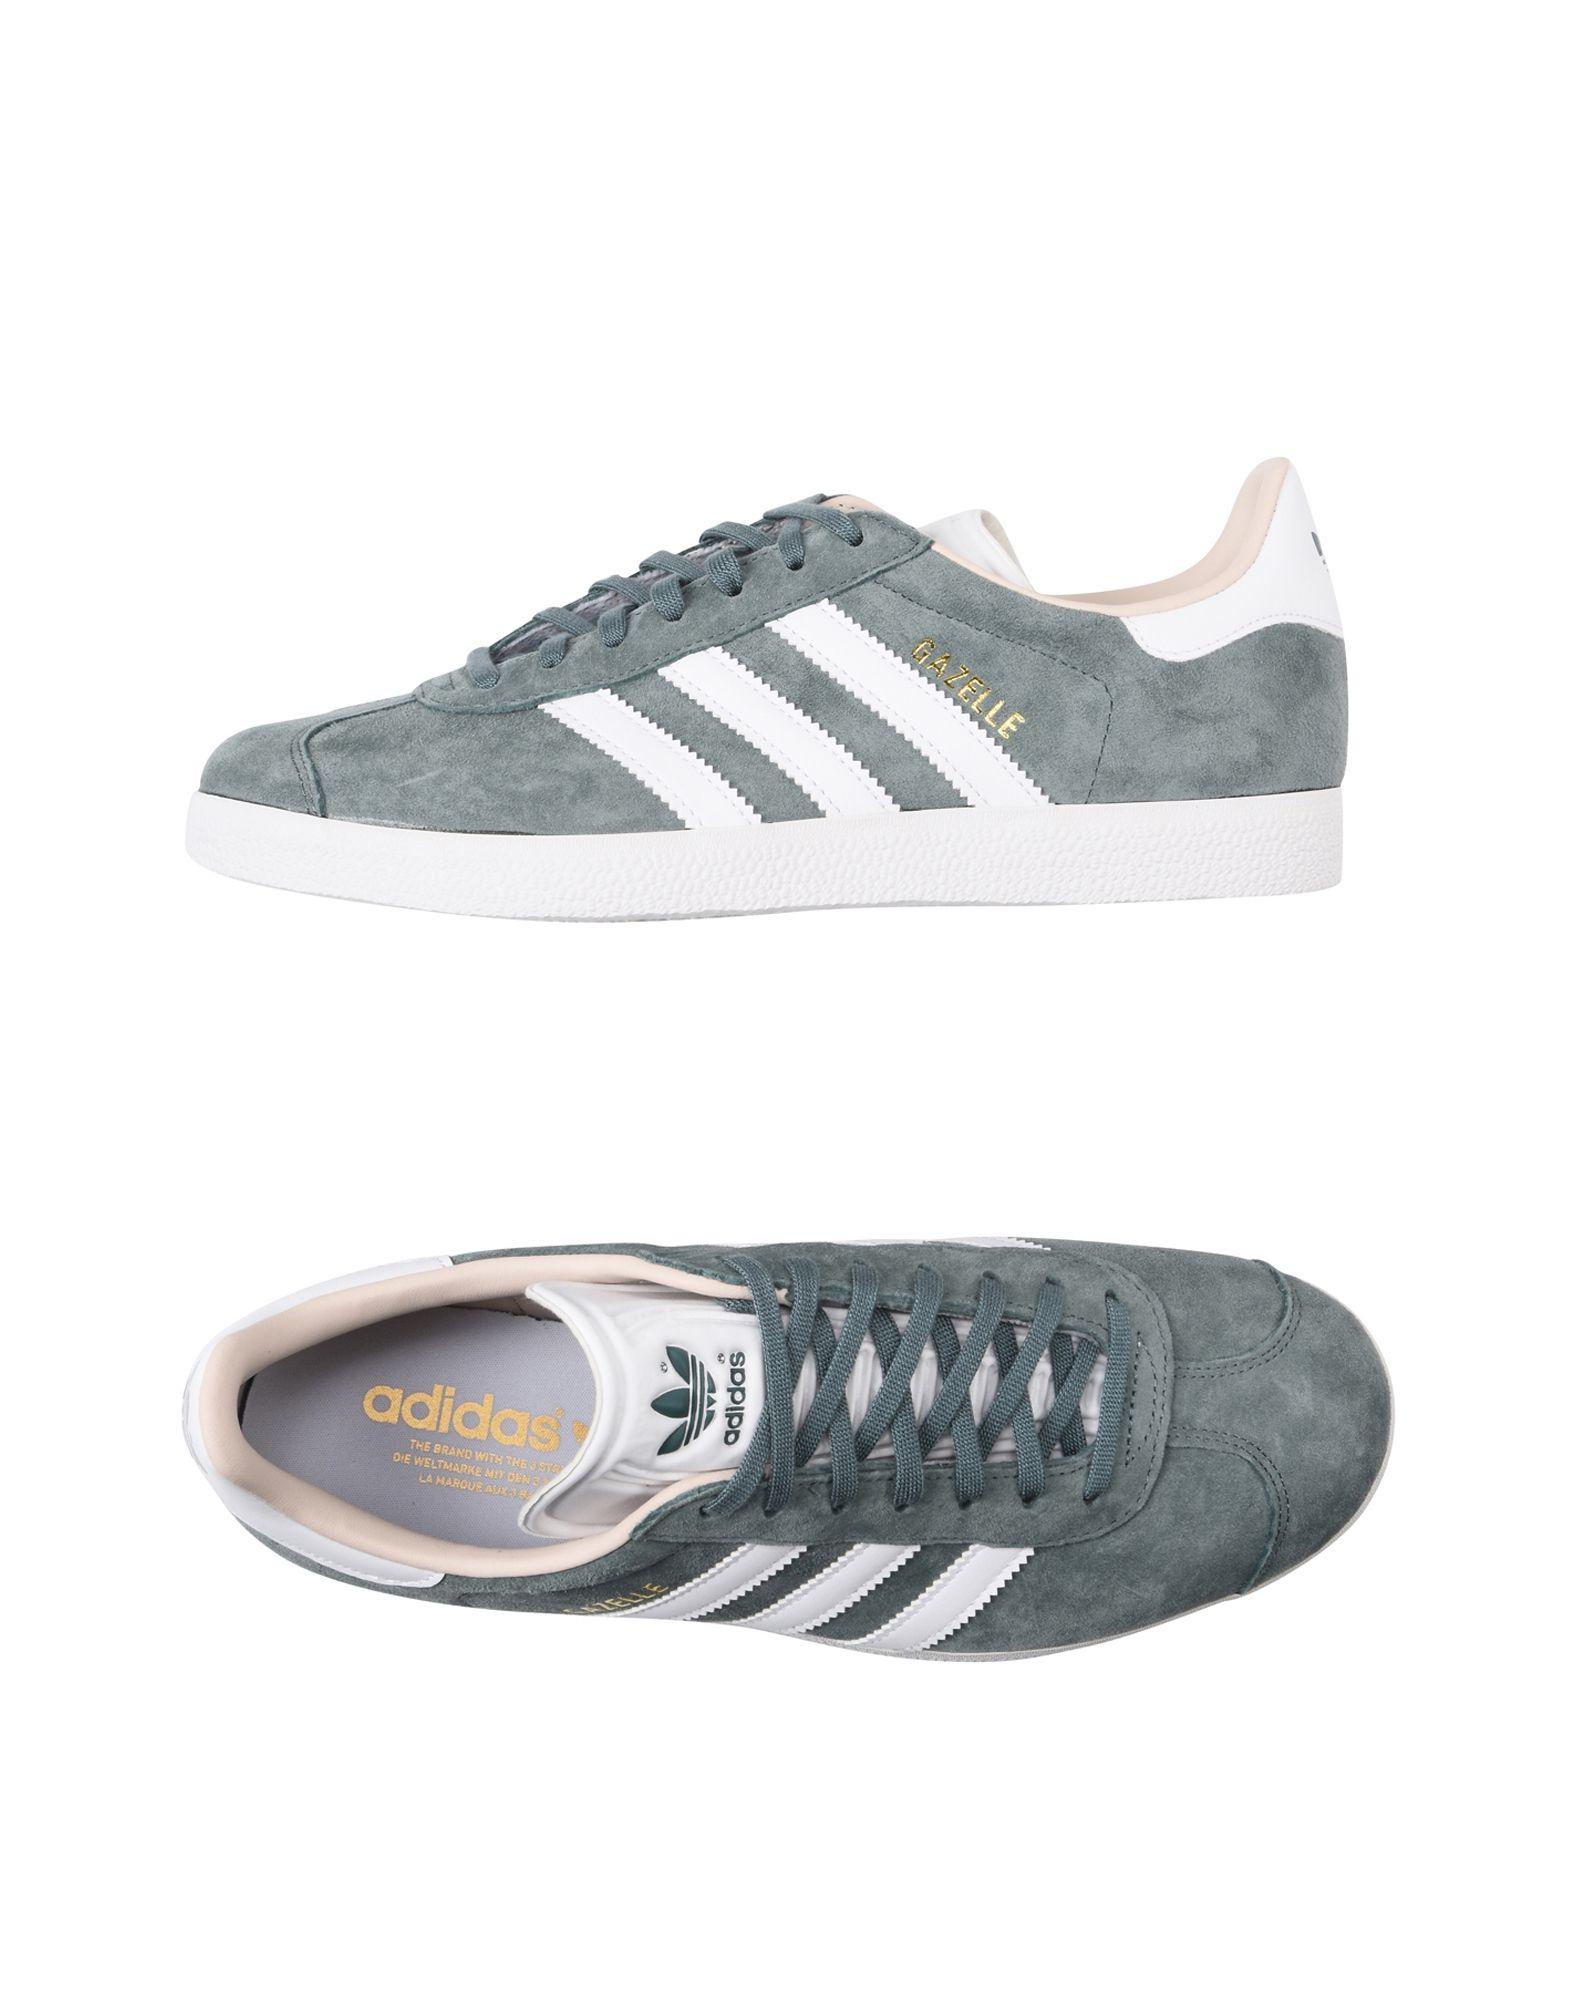 Adidas Originals Qualität Gazelle W  11533866WA Gute Qualität Originals beliebte Schuhe 46ca3d